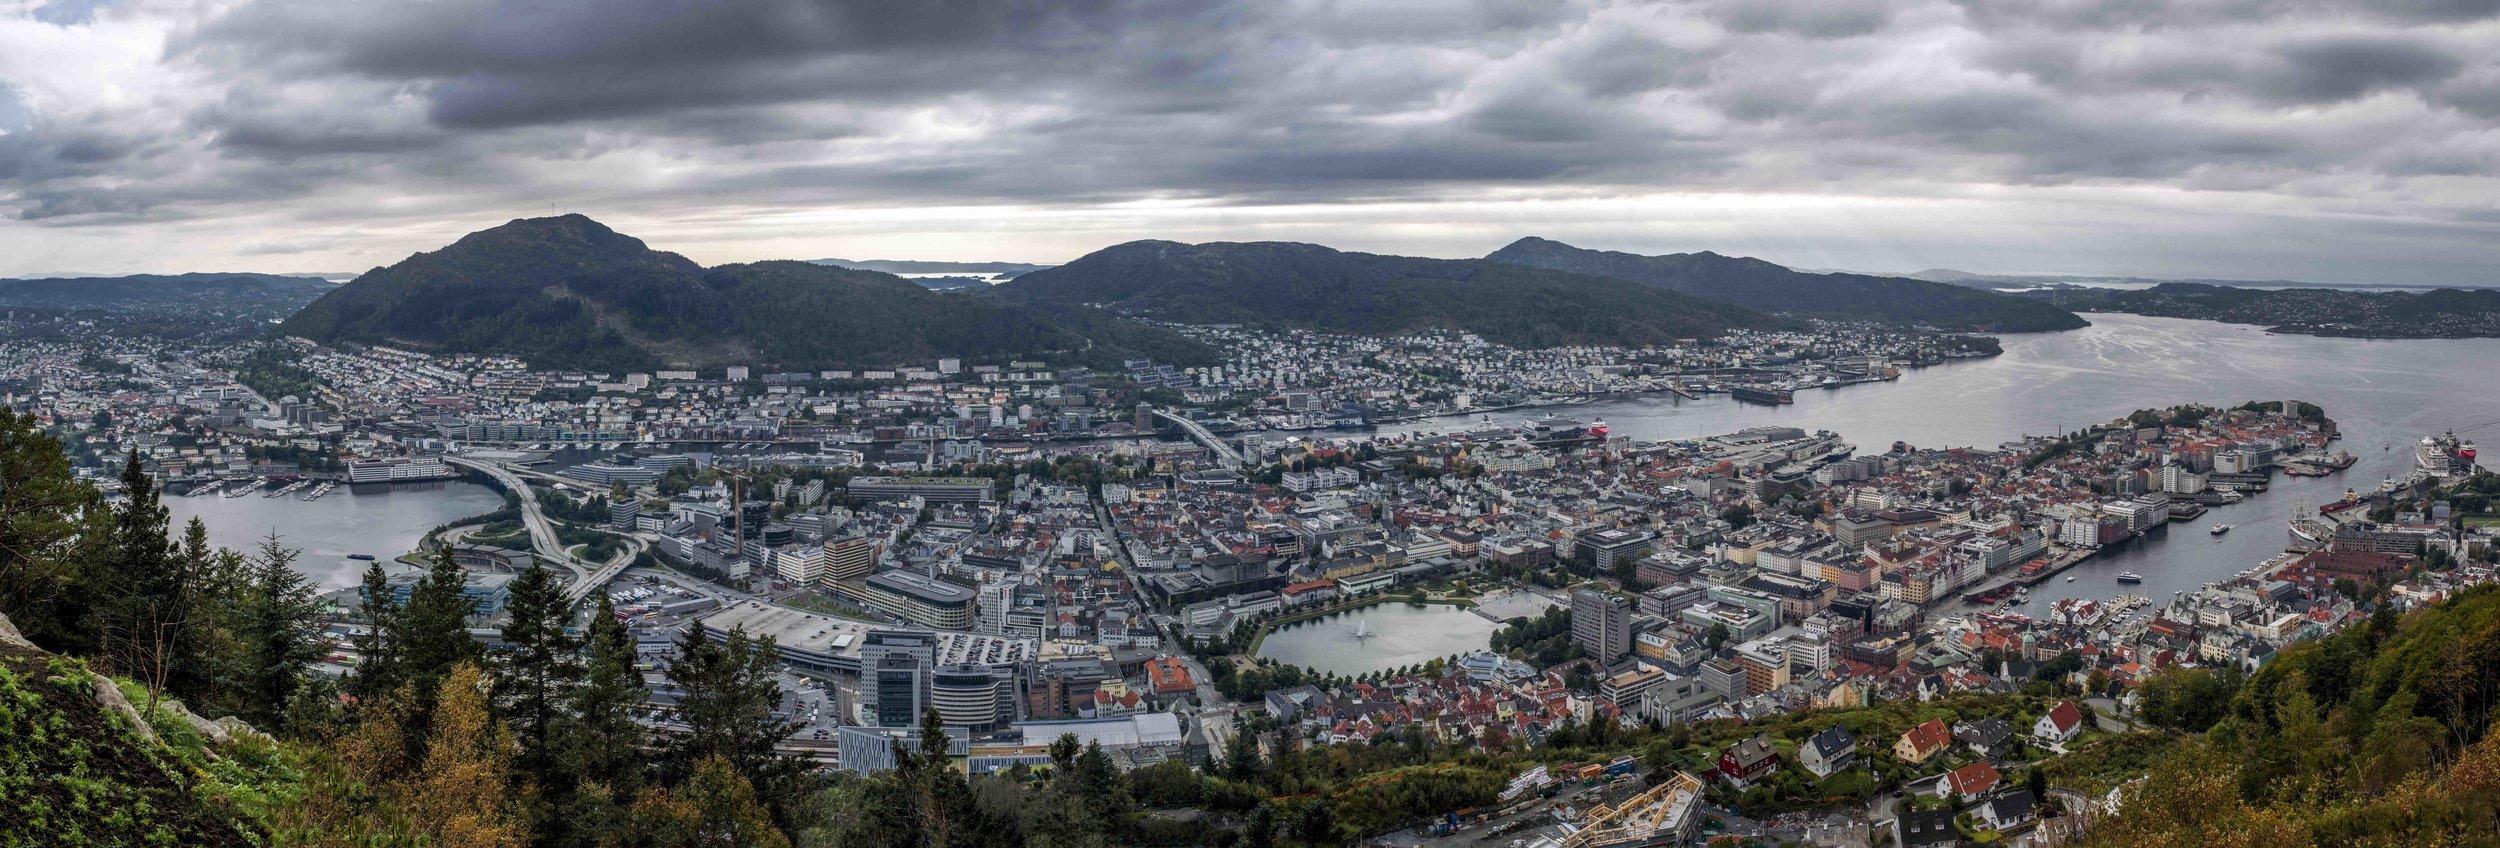 Bergen seen from Fløyen